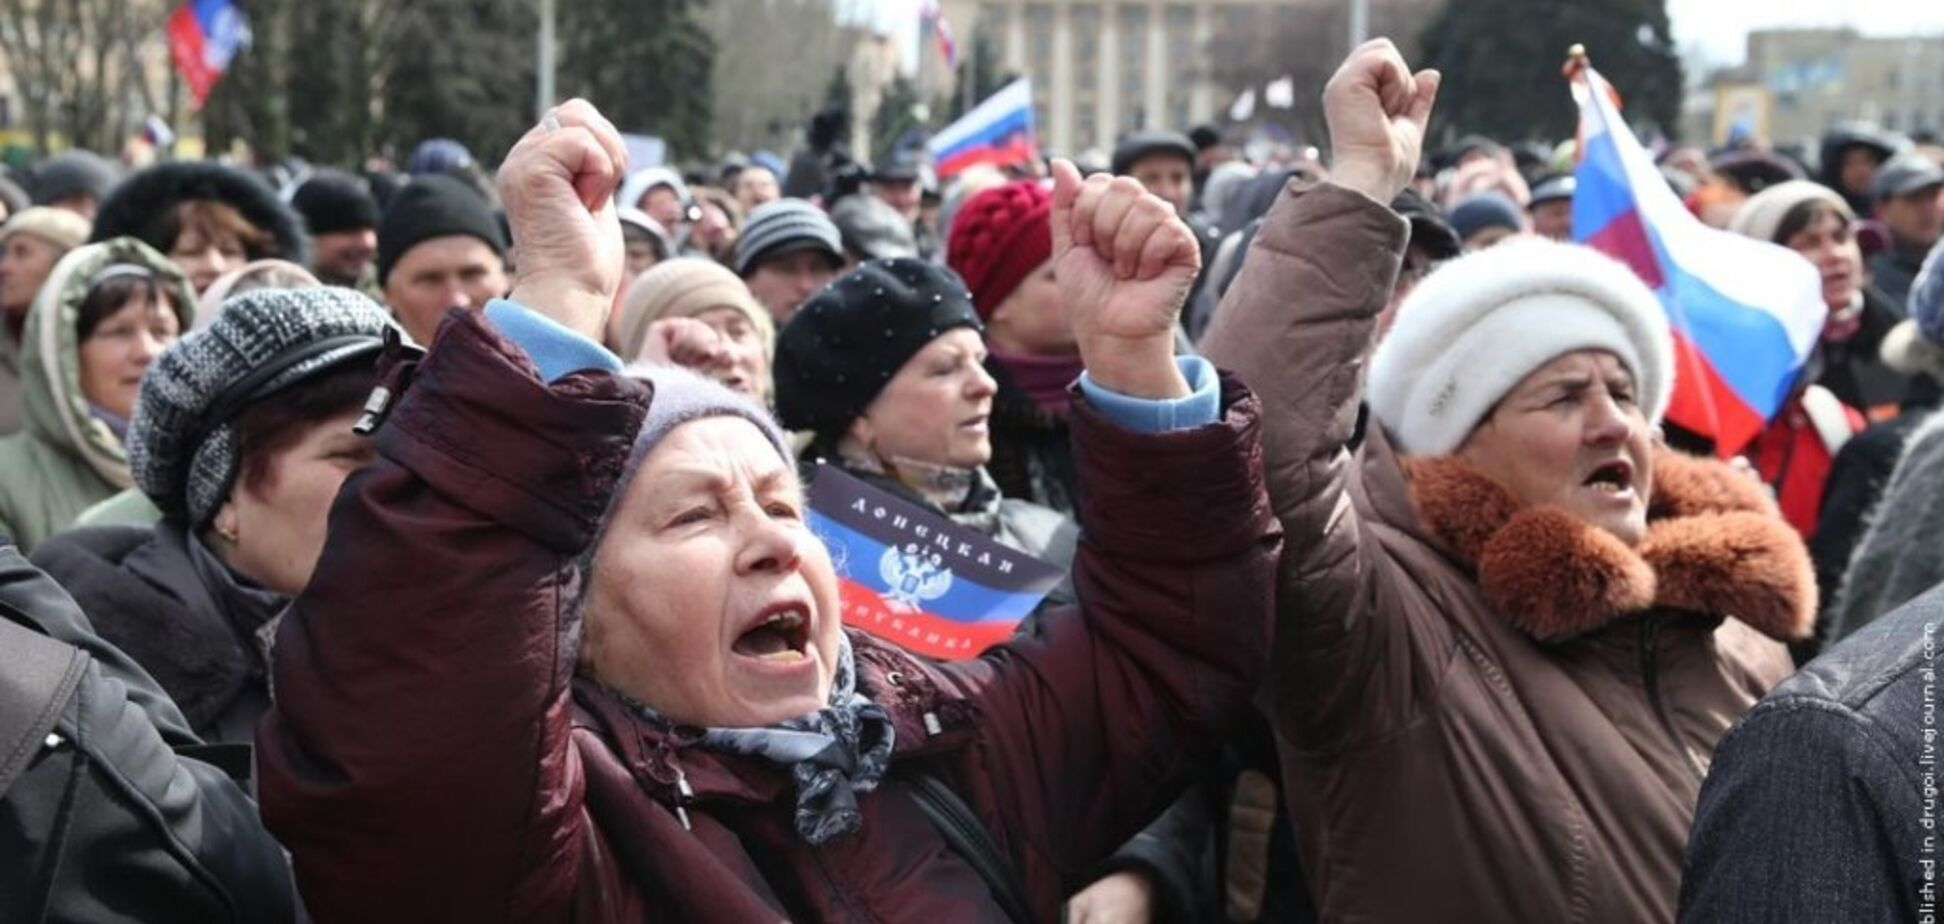 'Разграблено и вывезено кураторами РФ!' Жители 'ДНР' запаниковали из-за порядков оккупантов